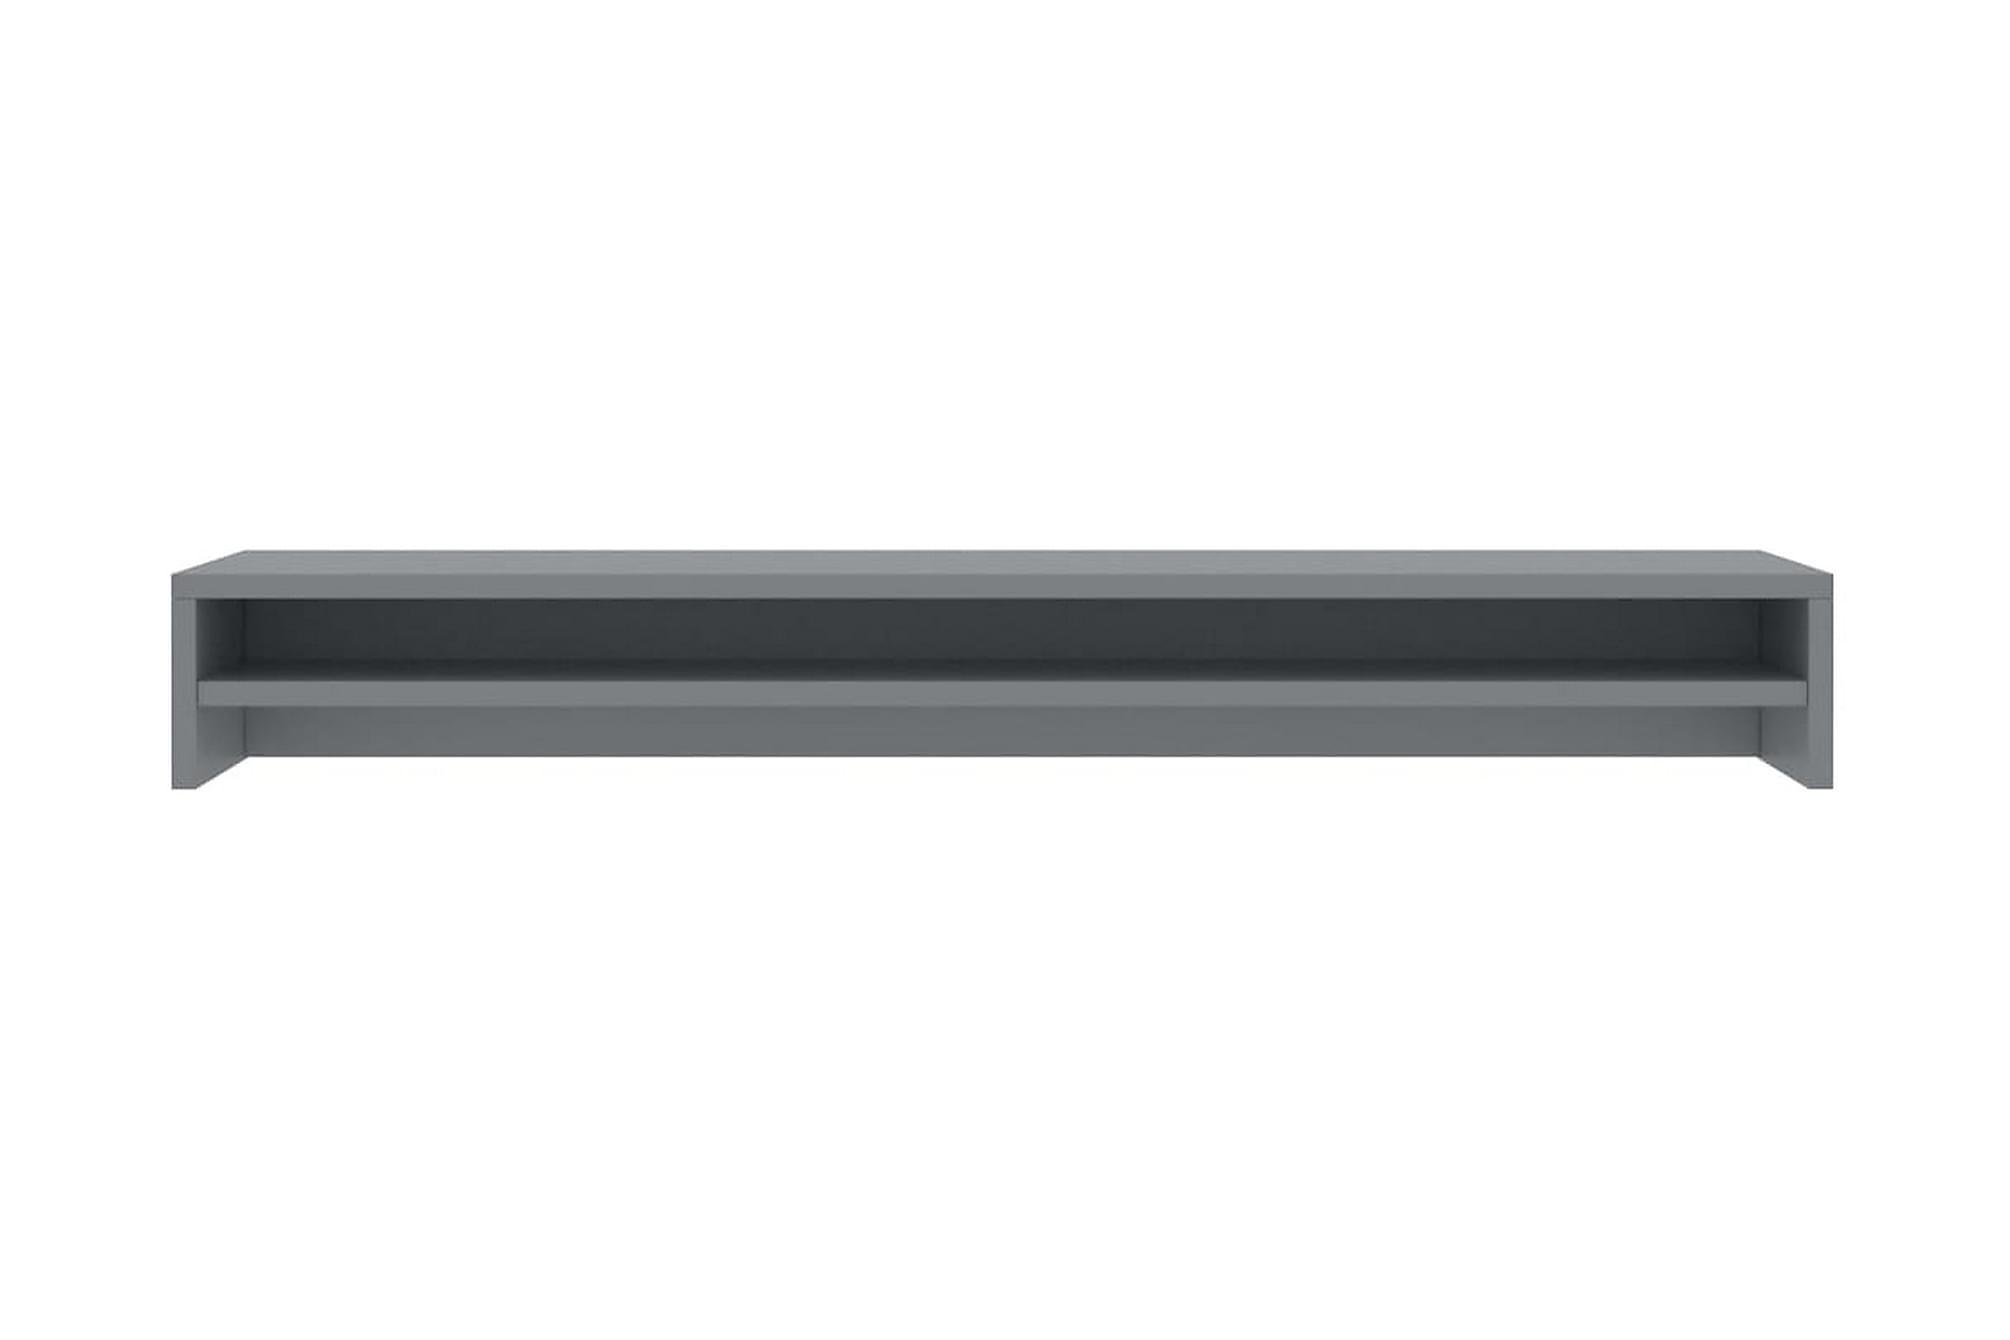 Skärmställ grå 100x24x13 cm spånskiva, Tv-väggfästen